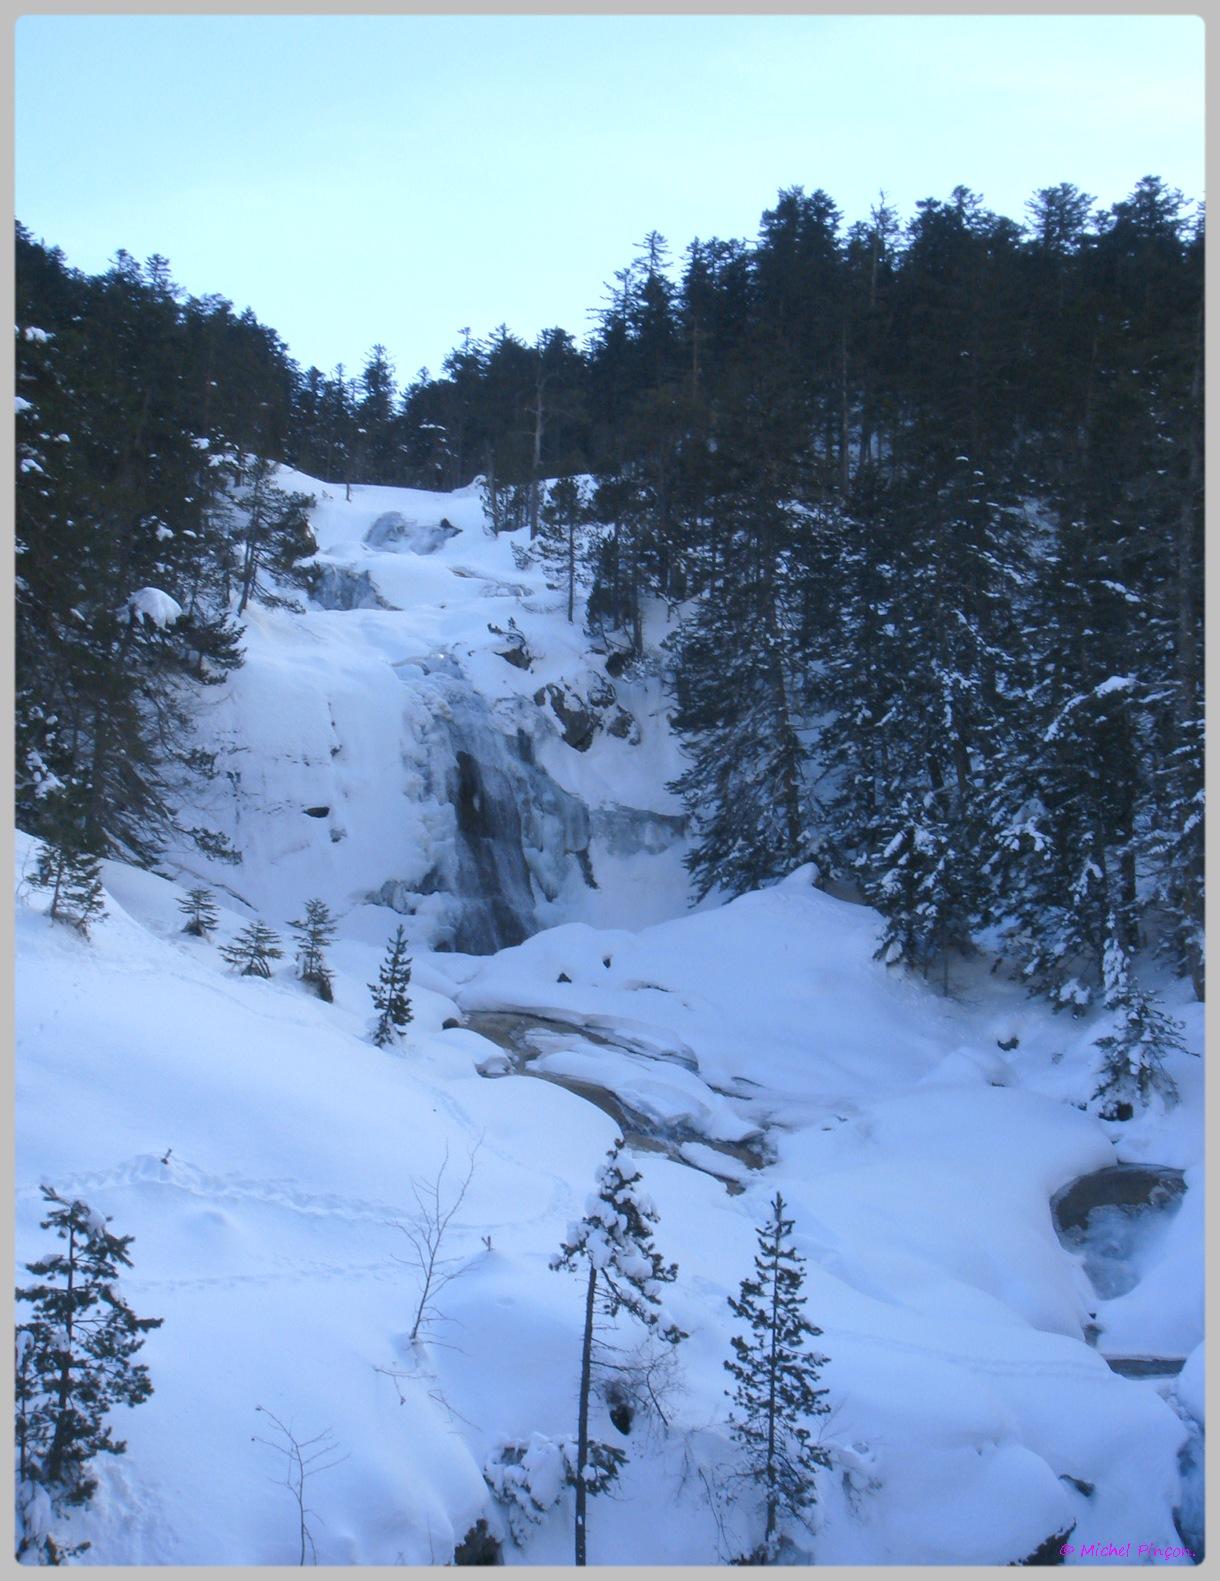 Une semaine à la Neige dans les Htes Pyrénées - Page 2 588675DSC012010